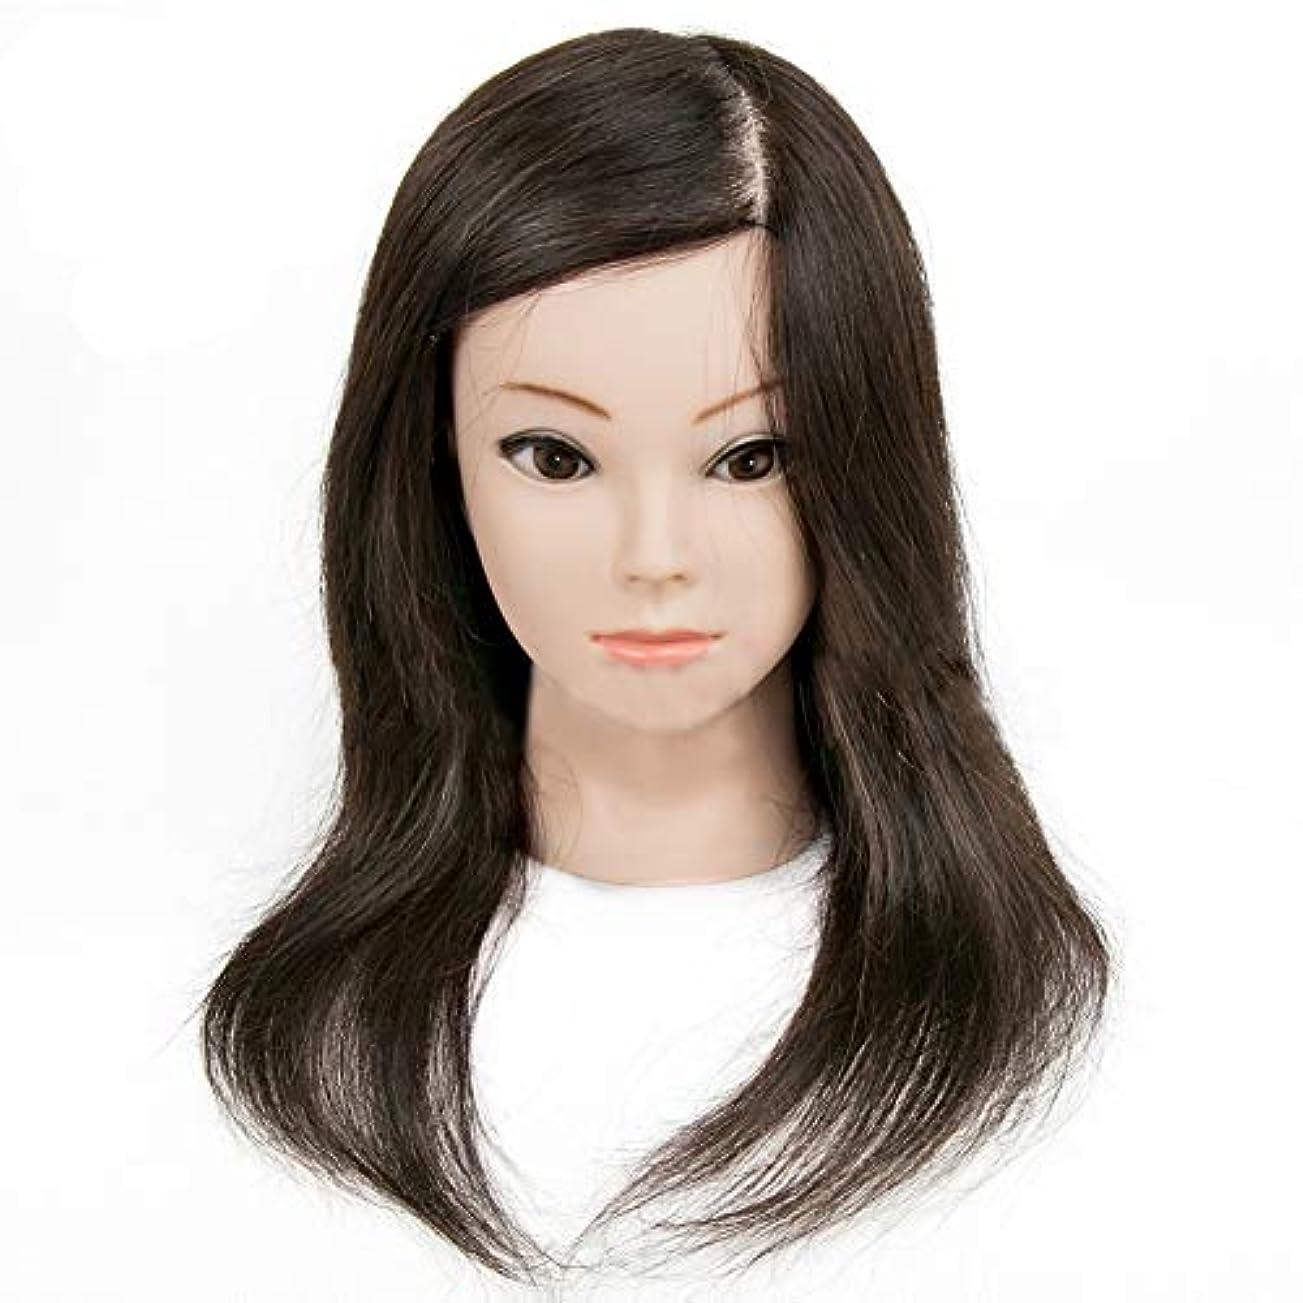 編んだ髪のヘッドモデル本物の人間の髪のスタイルの学習モデルヘッドサロンの学習は熱いと染めた髪のダミーの頭にすることができます